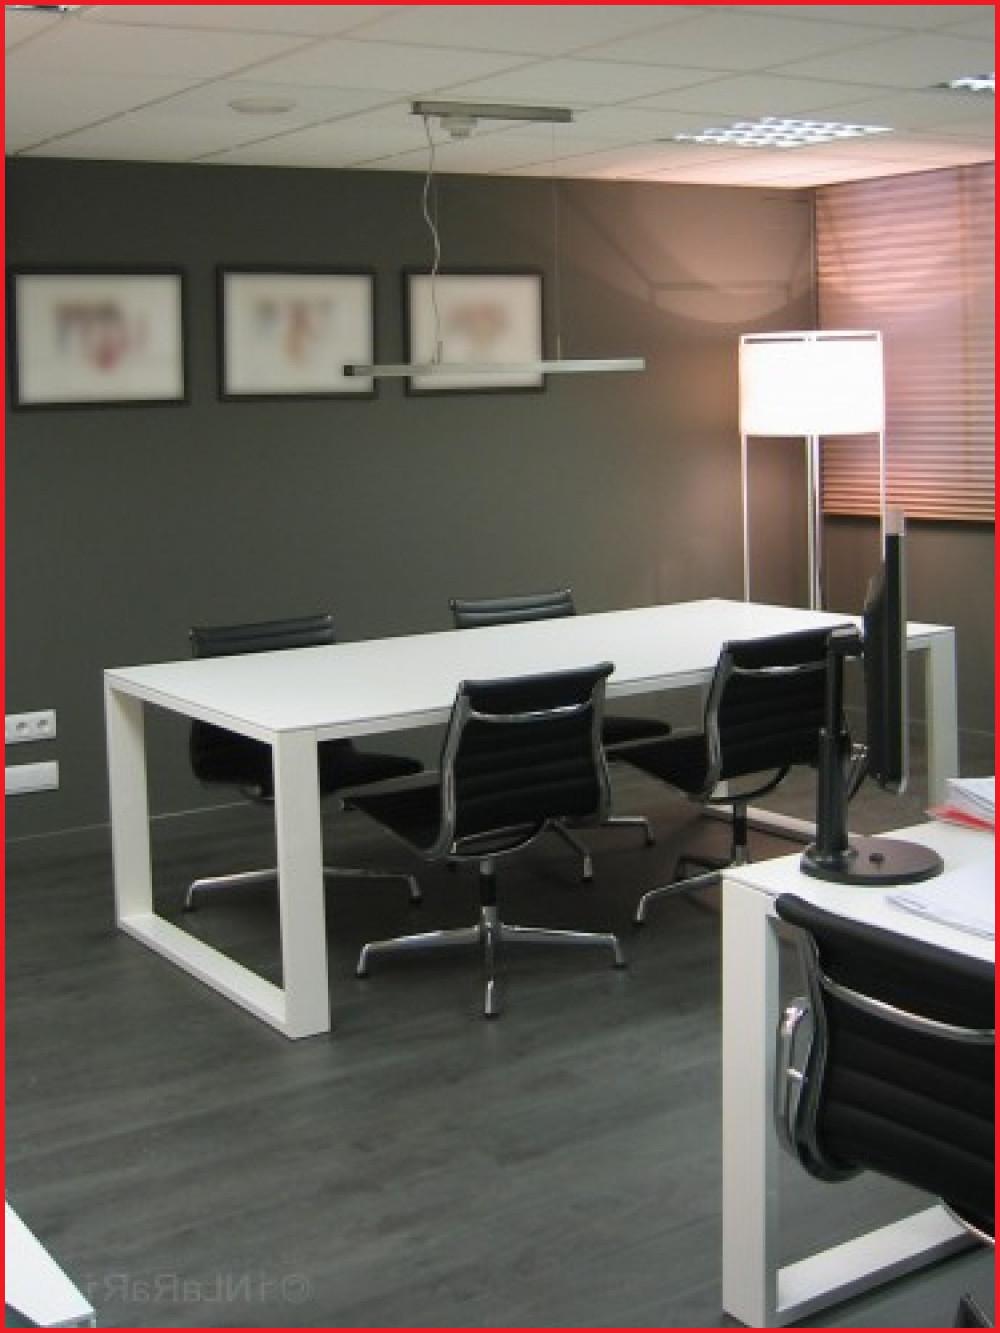 Mesas Oficina Baratas Dwdk Ikea Mesas Oficina Mesas Icina Ikea Mesas ...